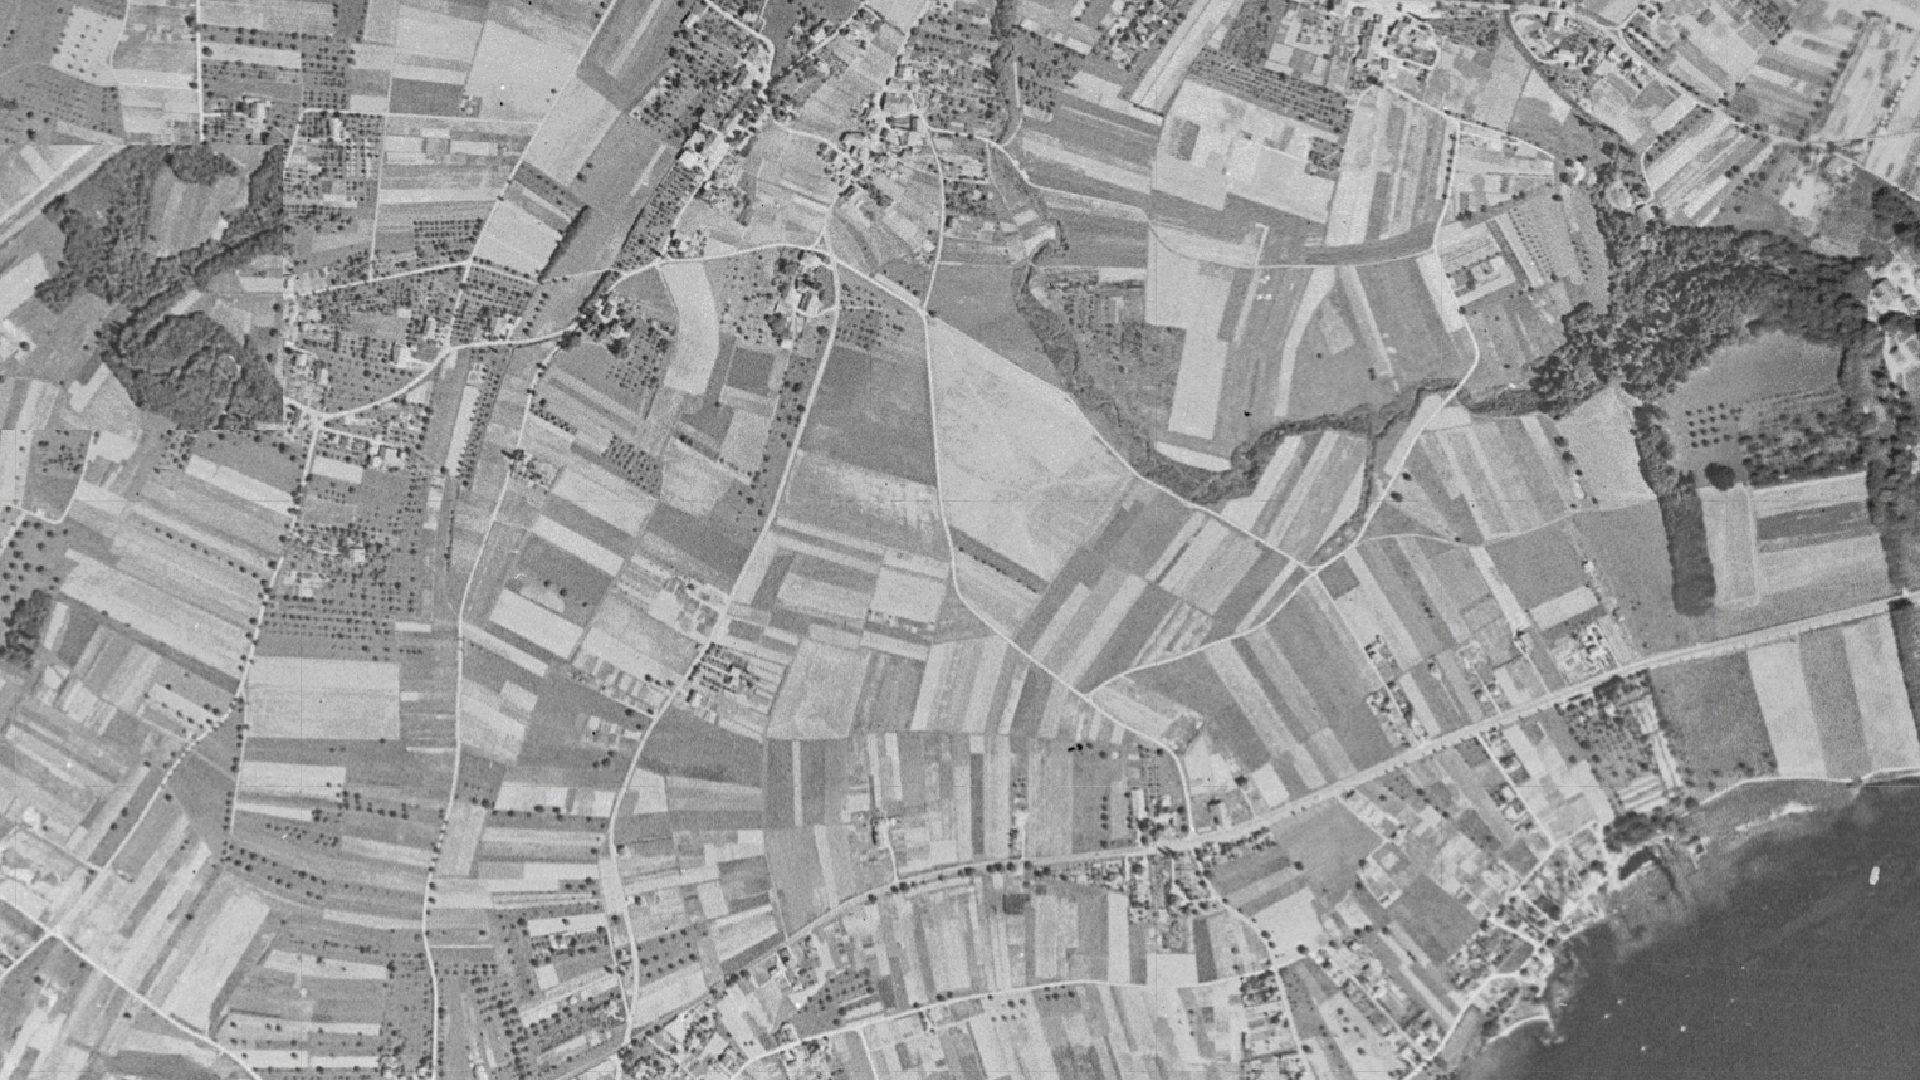 Terrains agricoles situés à Ecublens avant la construction de l'EPFL